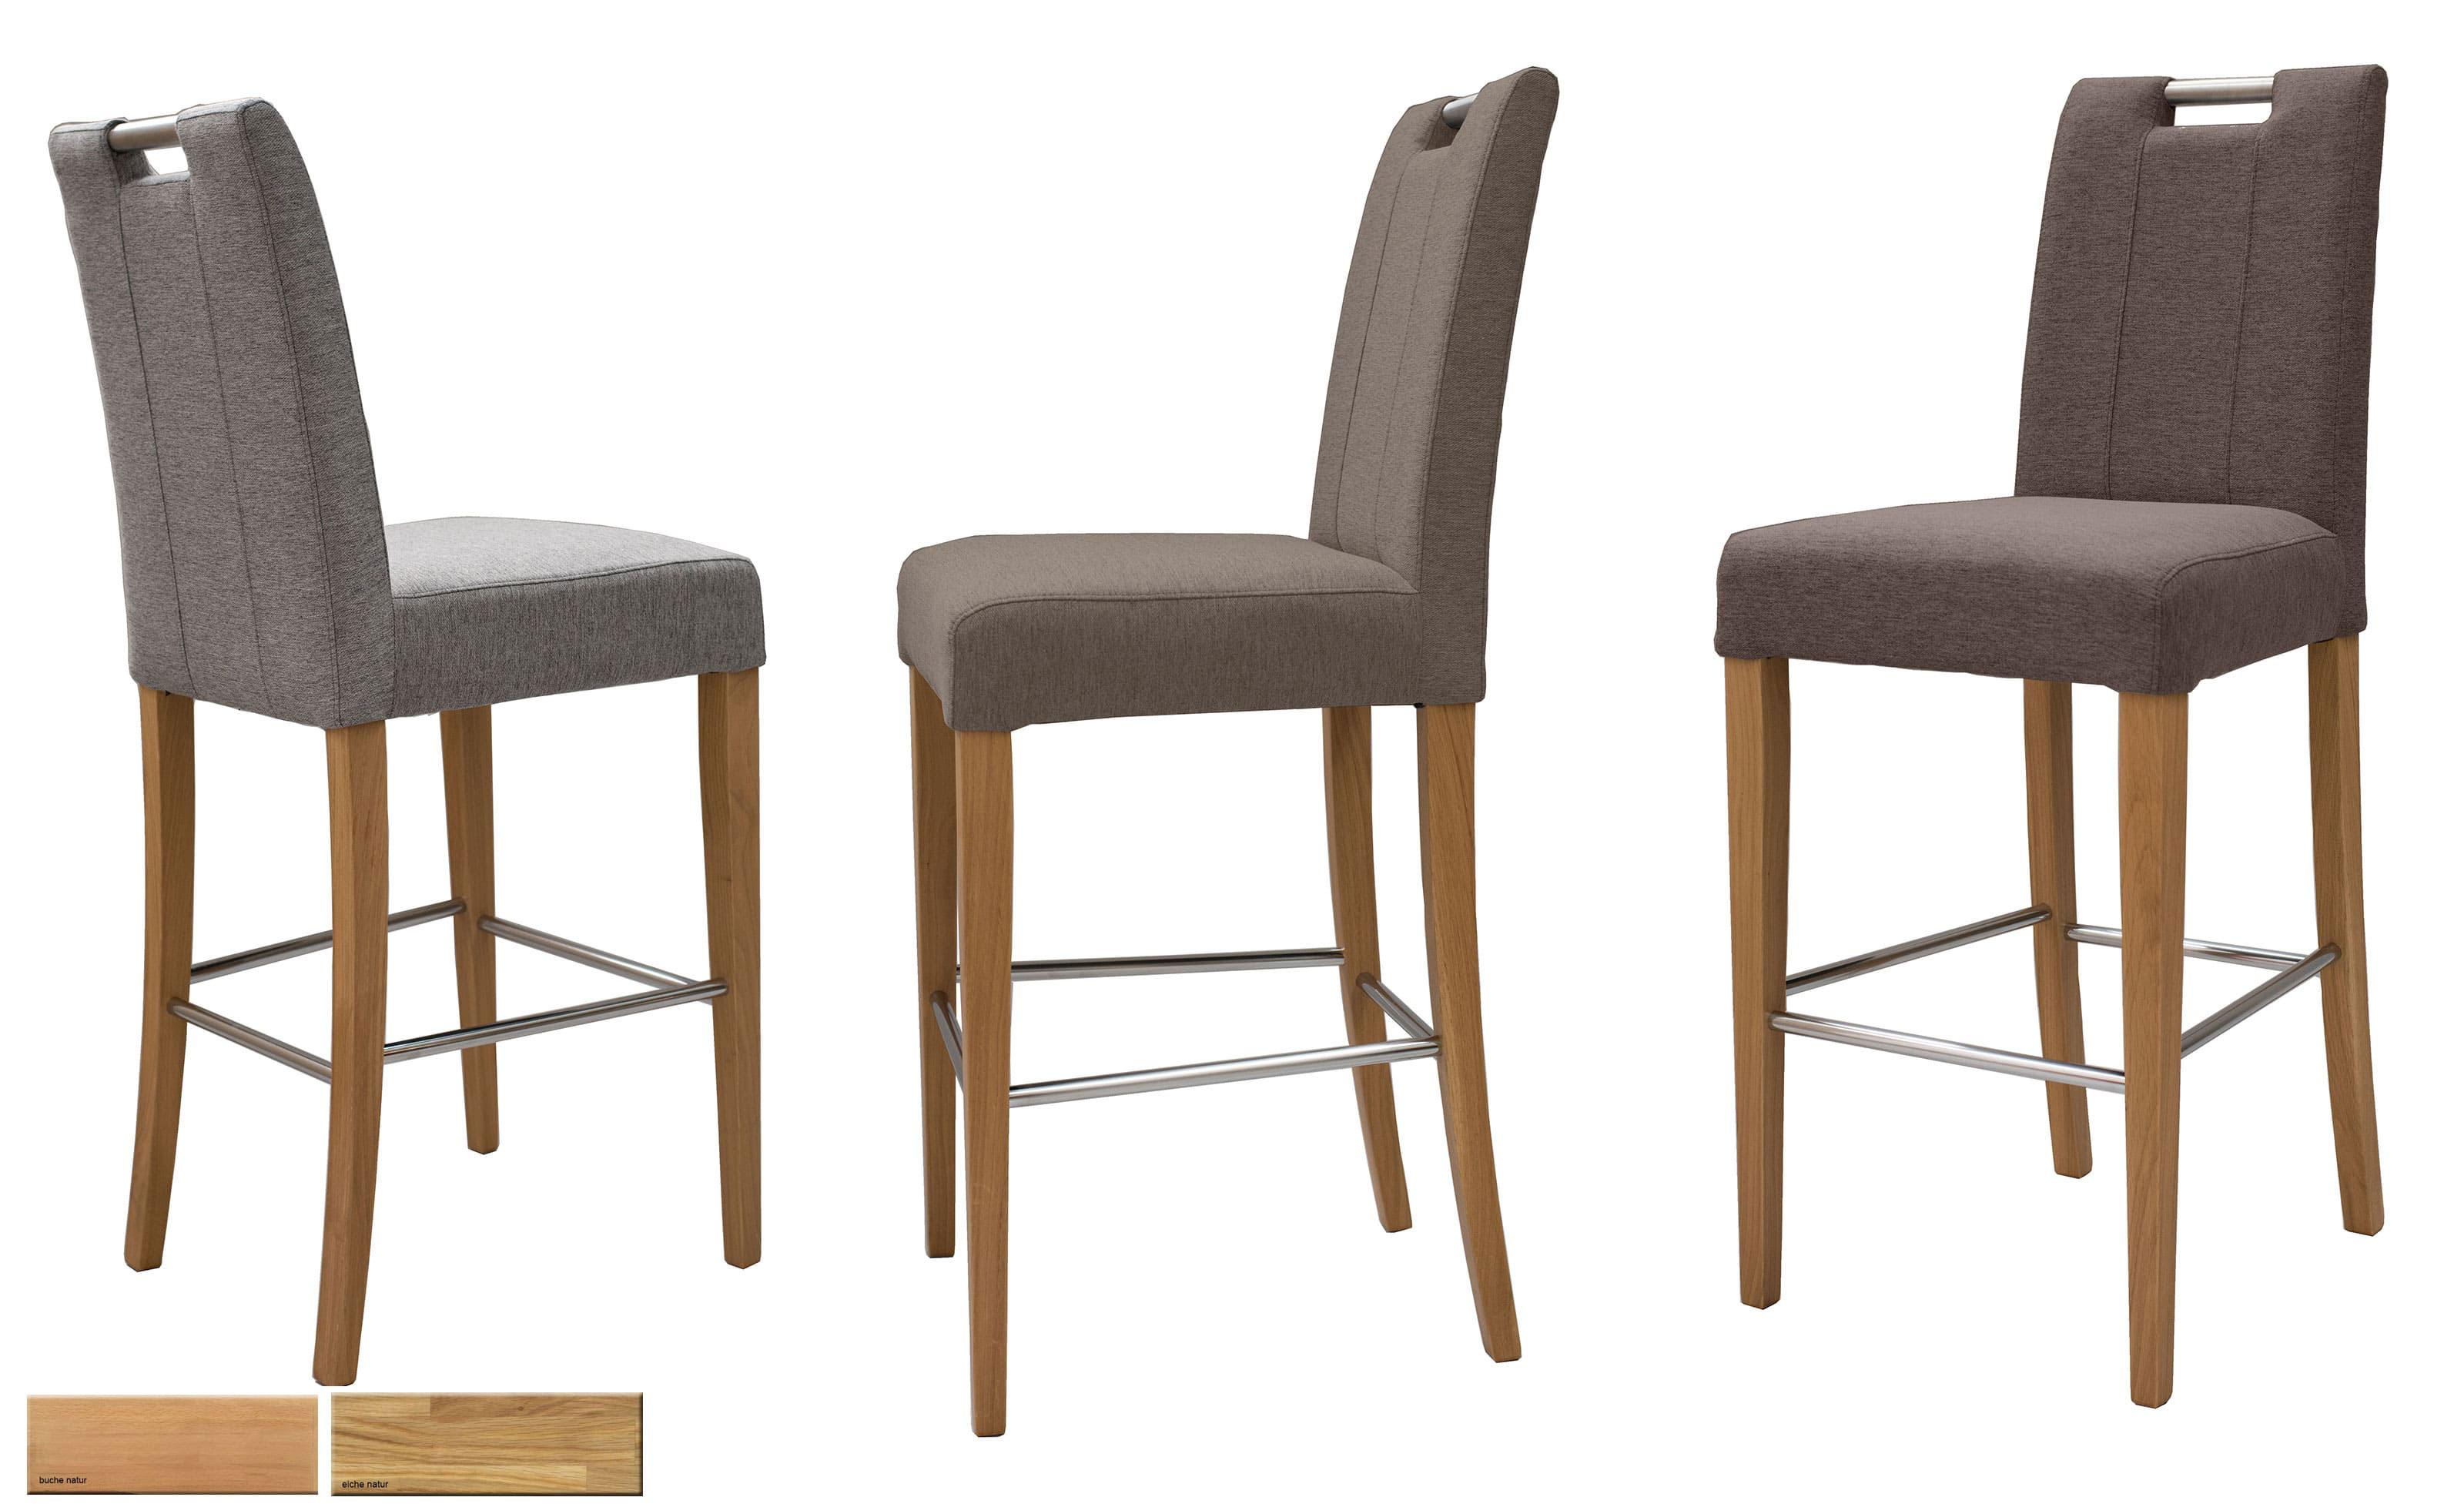 Standard Furniture Thao Tresenstuhl mit Griff eiche mit Bezug Webstoff